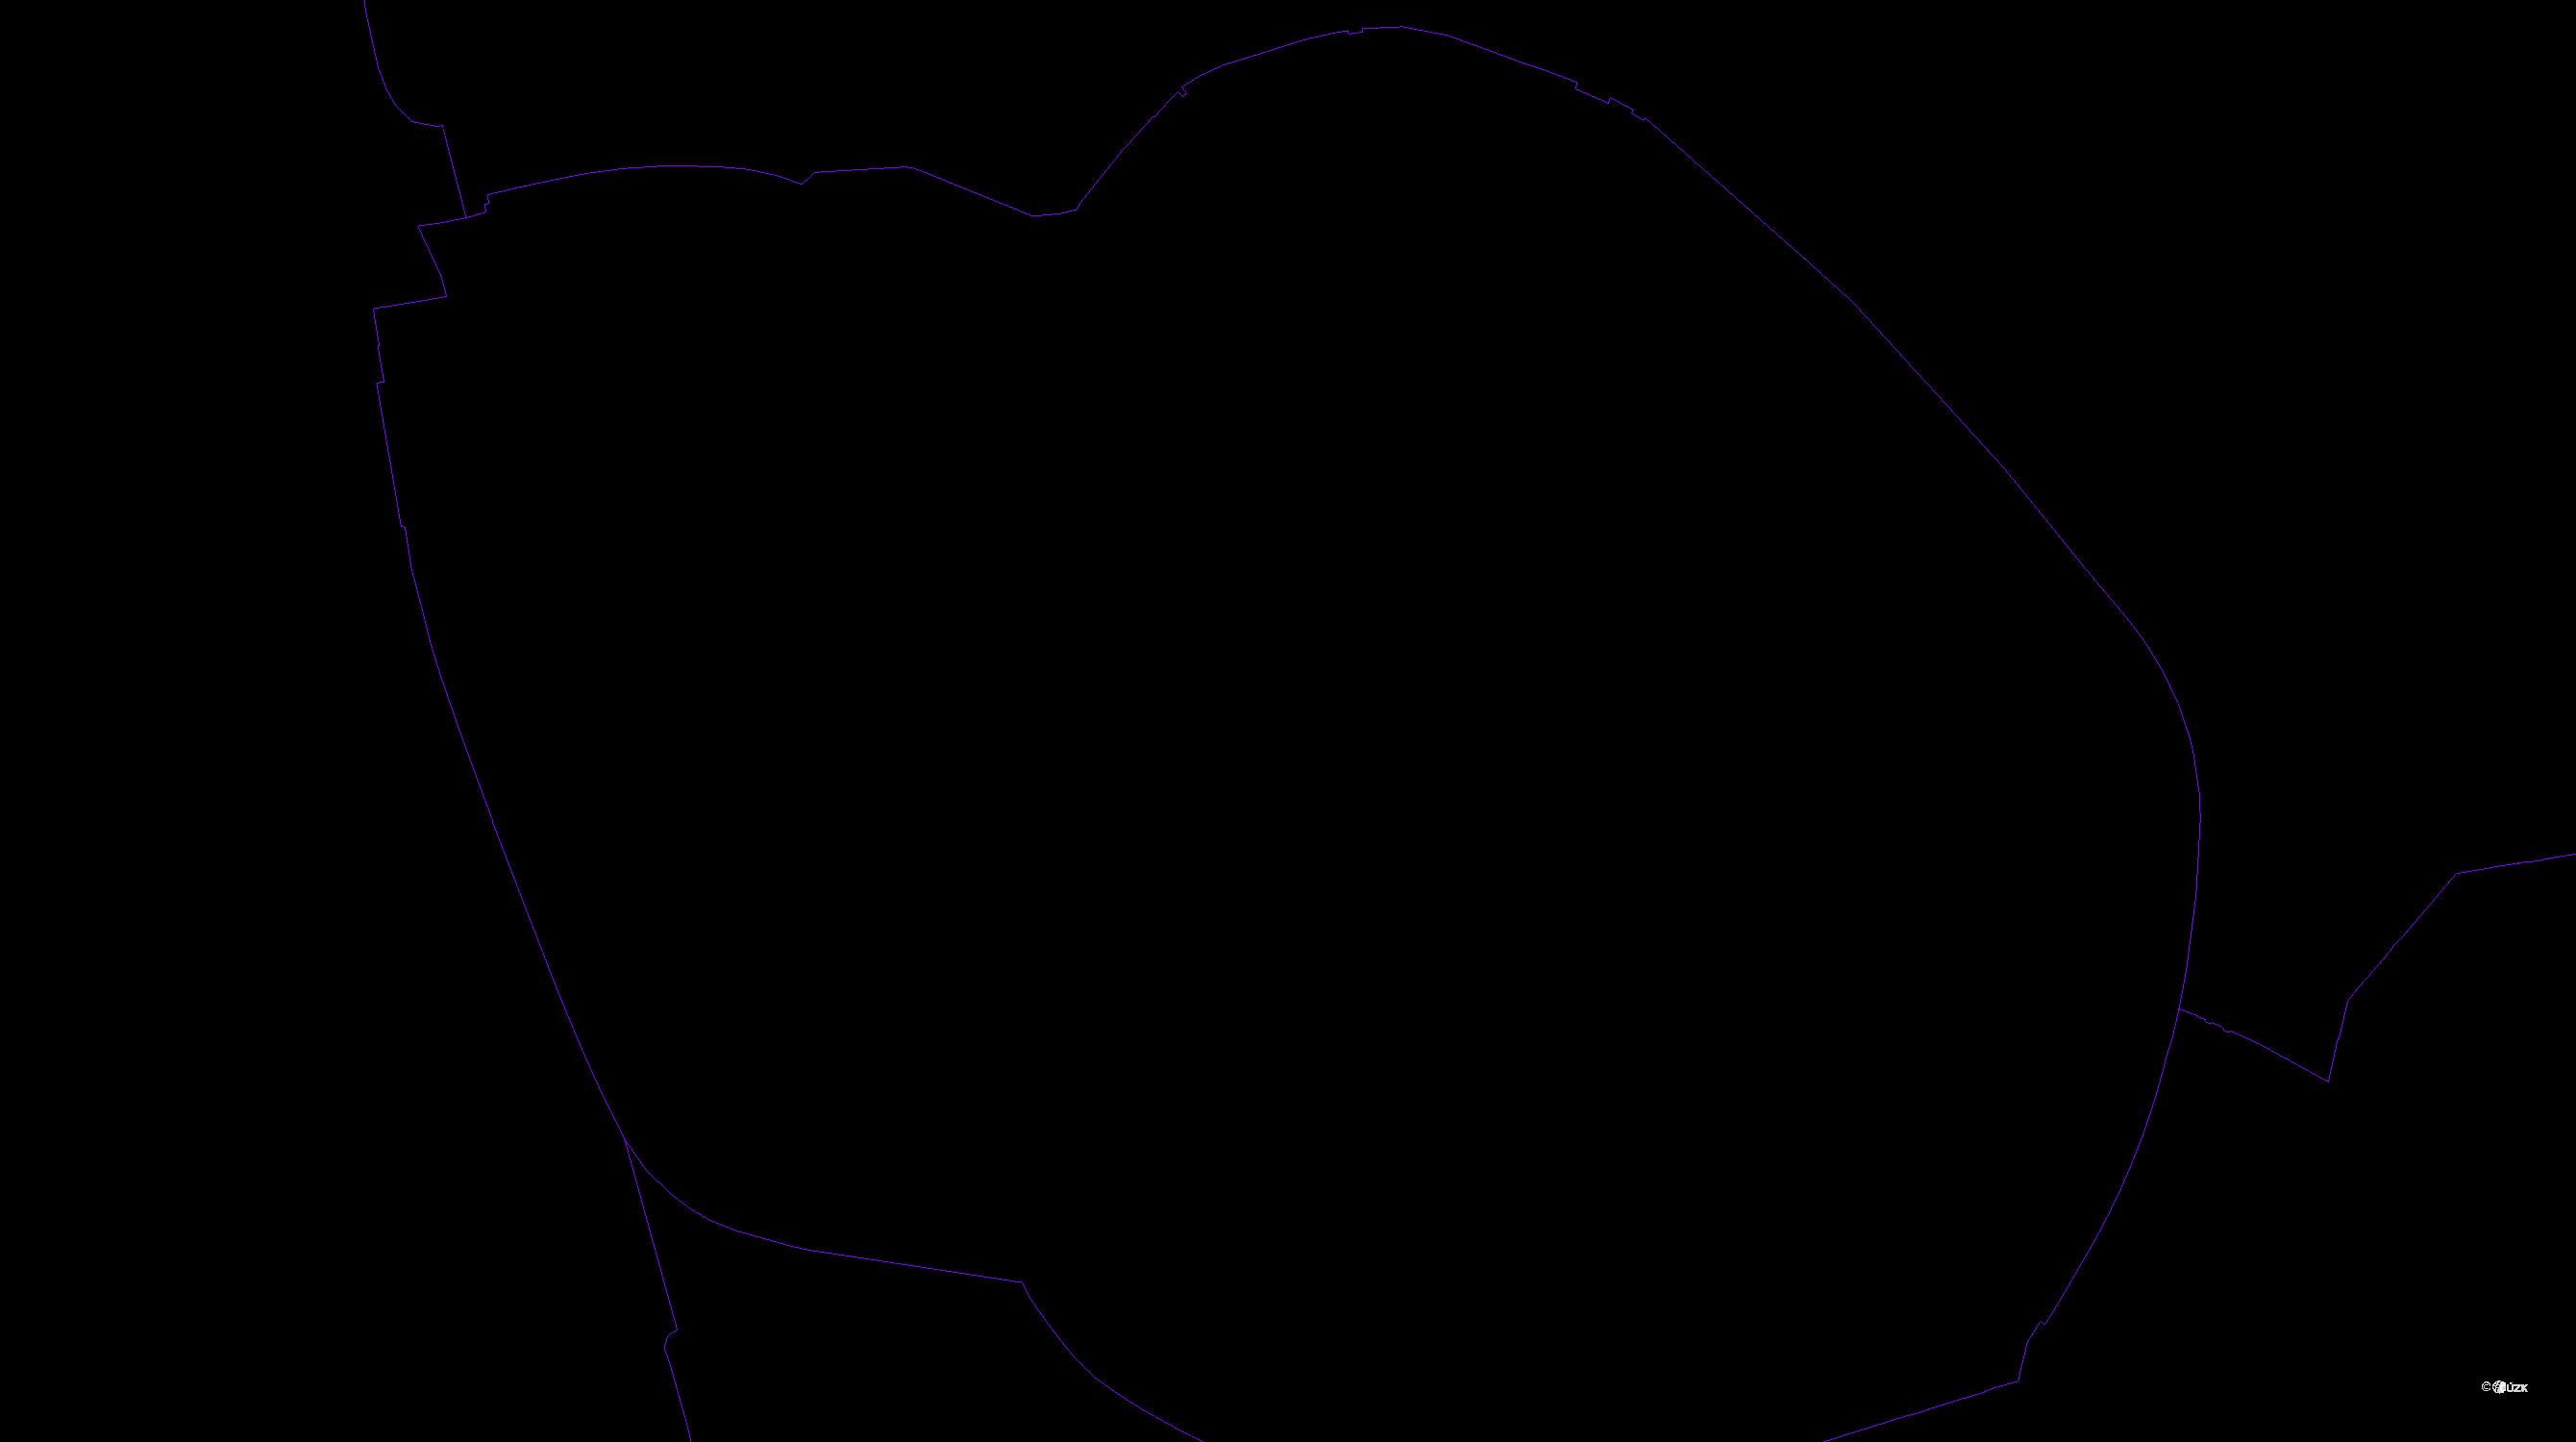 Katastrální mapa pozemků a čísla parcel České Budějovice 1